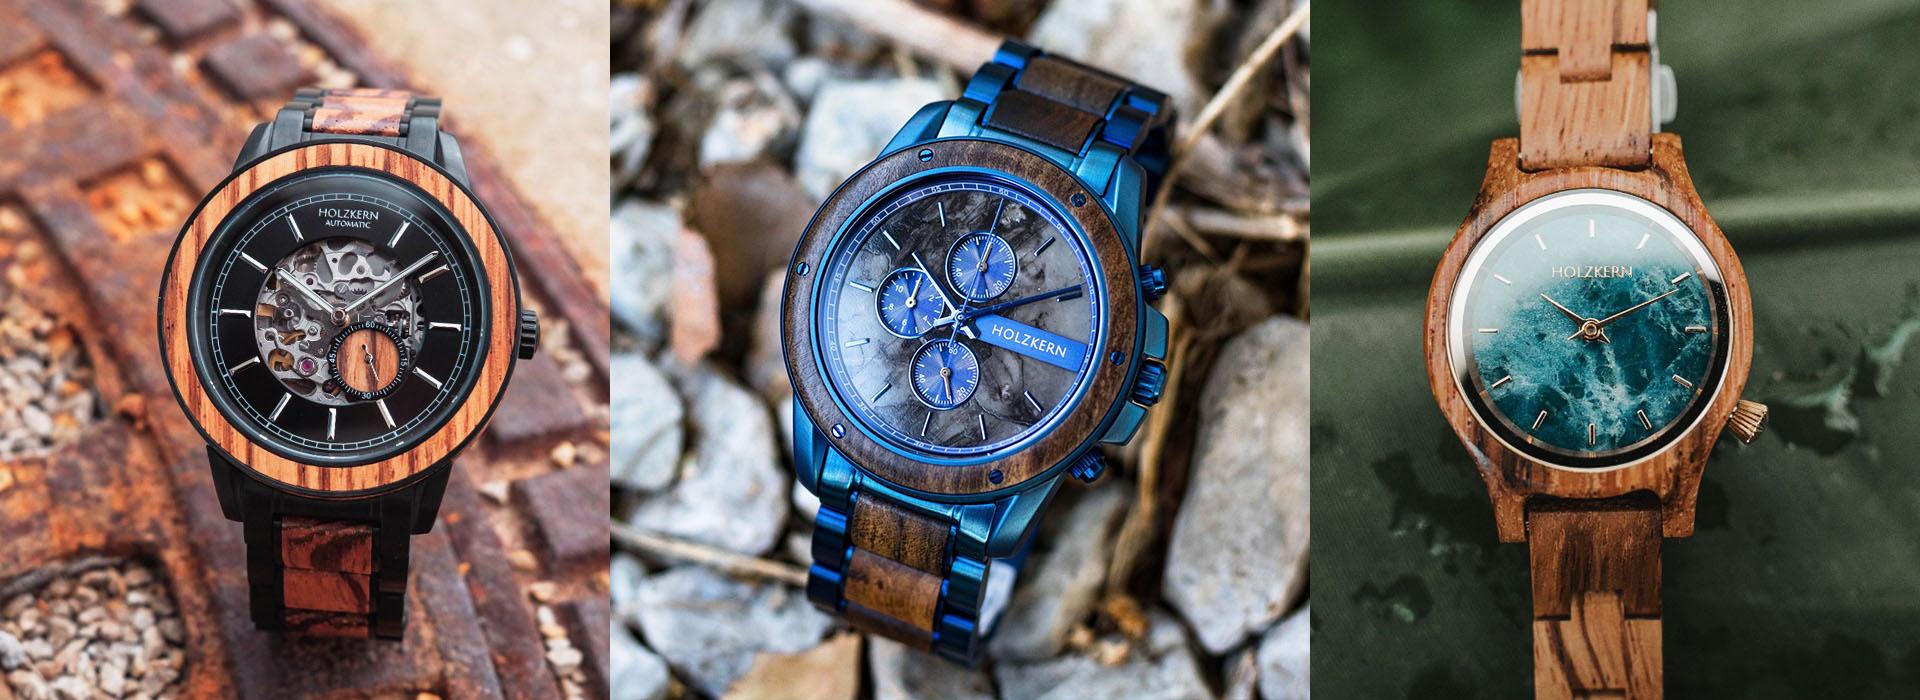 7 Gründe für eine Uhr aus Holz und Stein